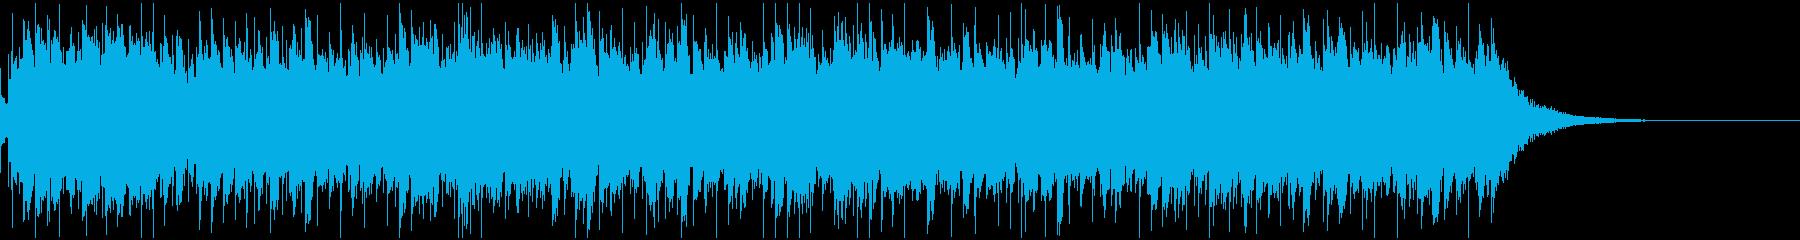 軽快でほのぼのとしたオルゴールの曲の再生済みの波形